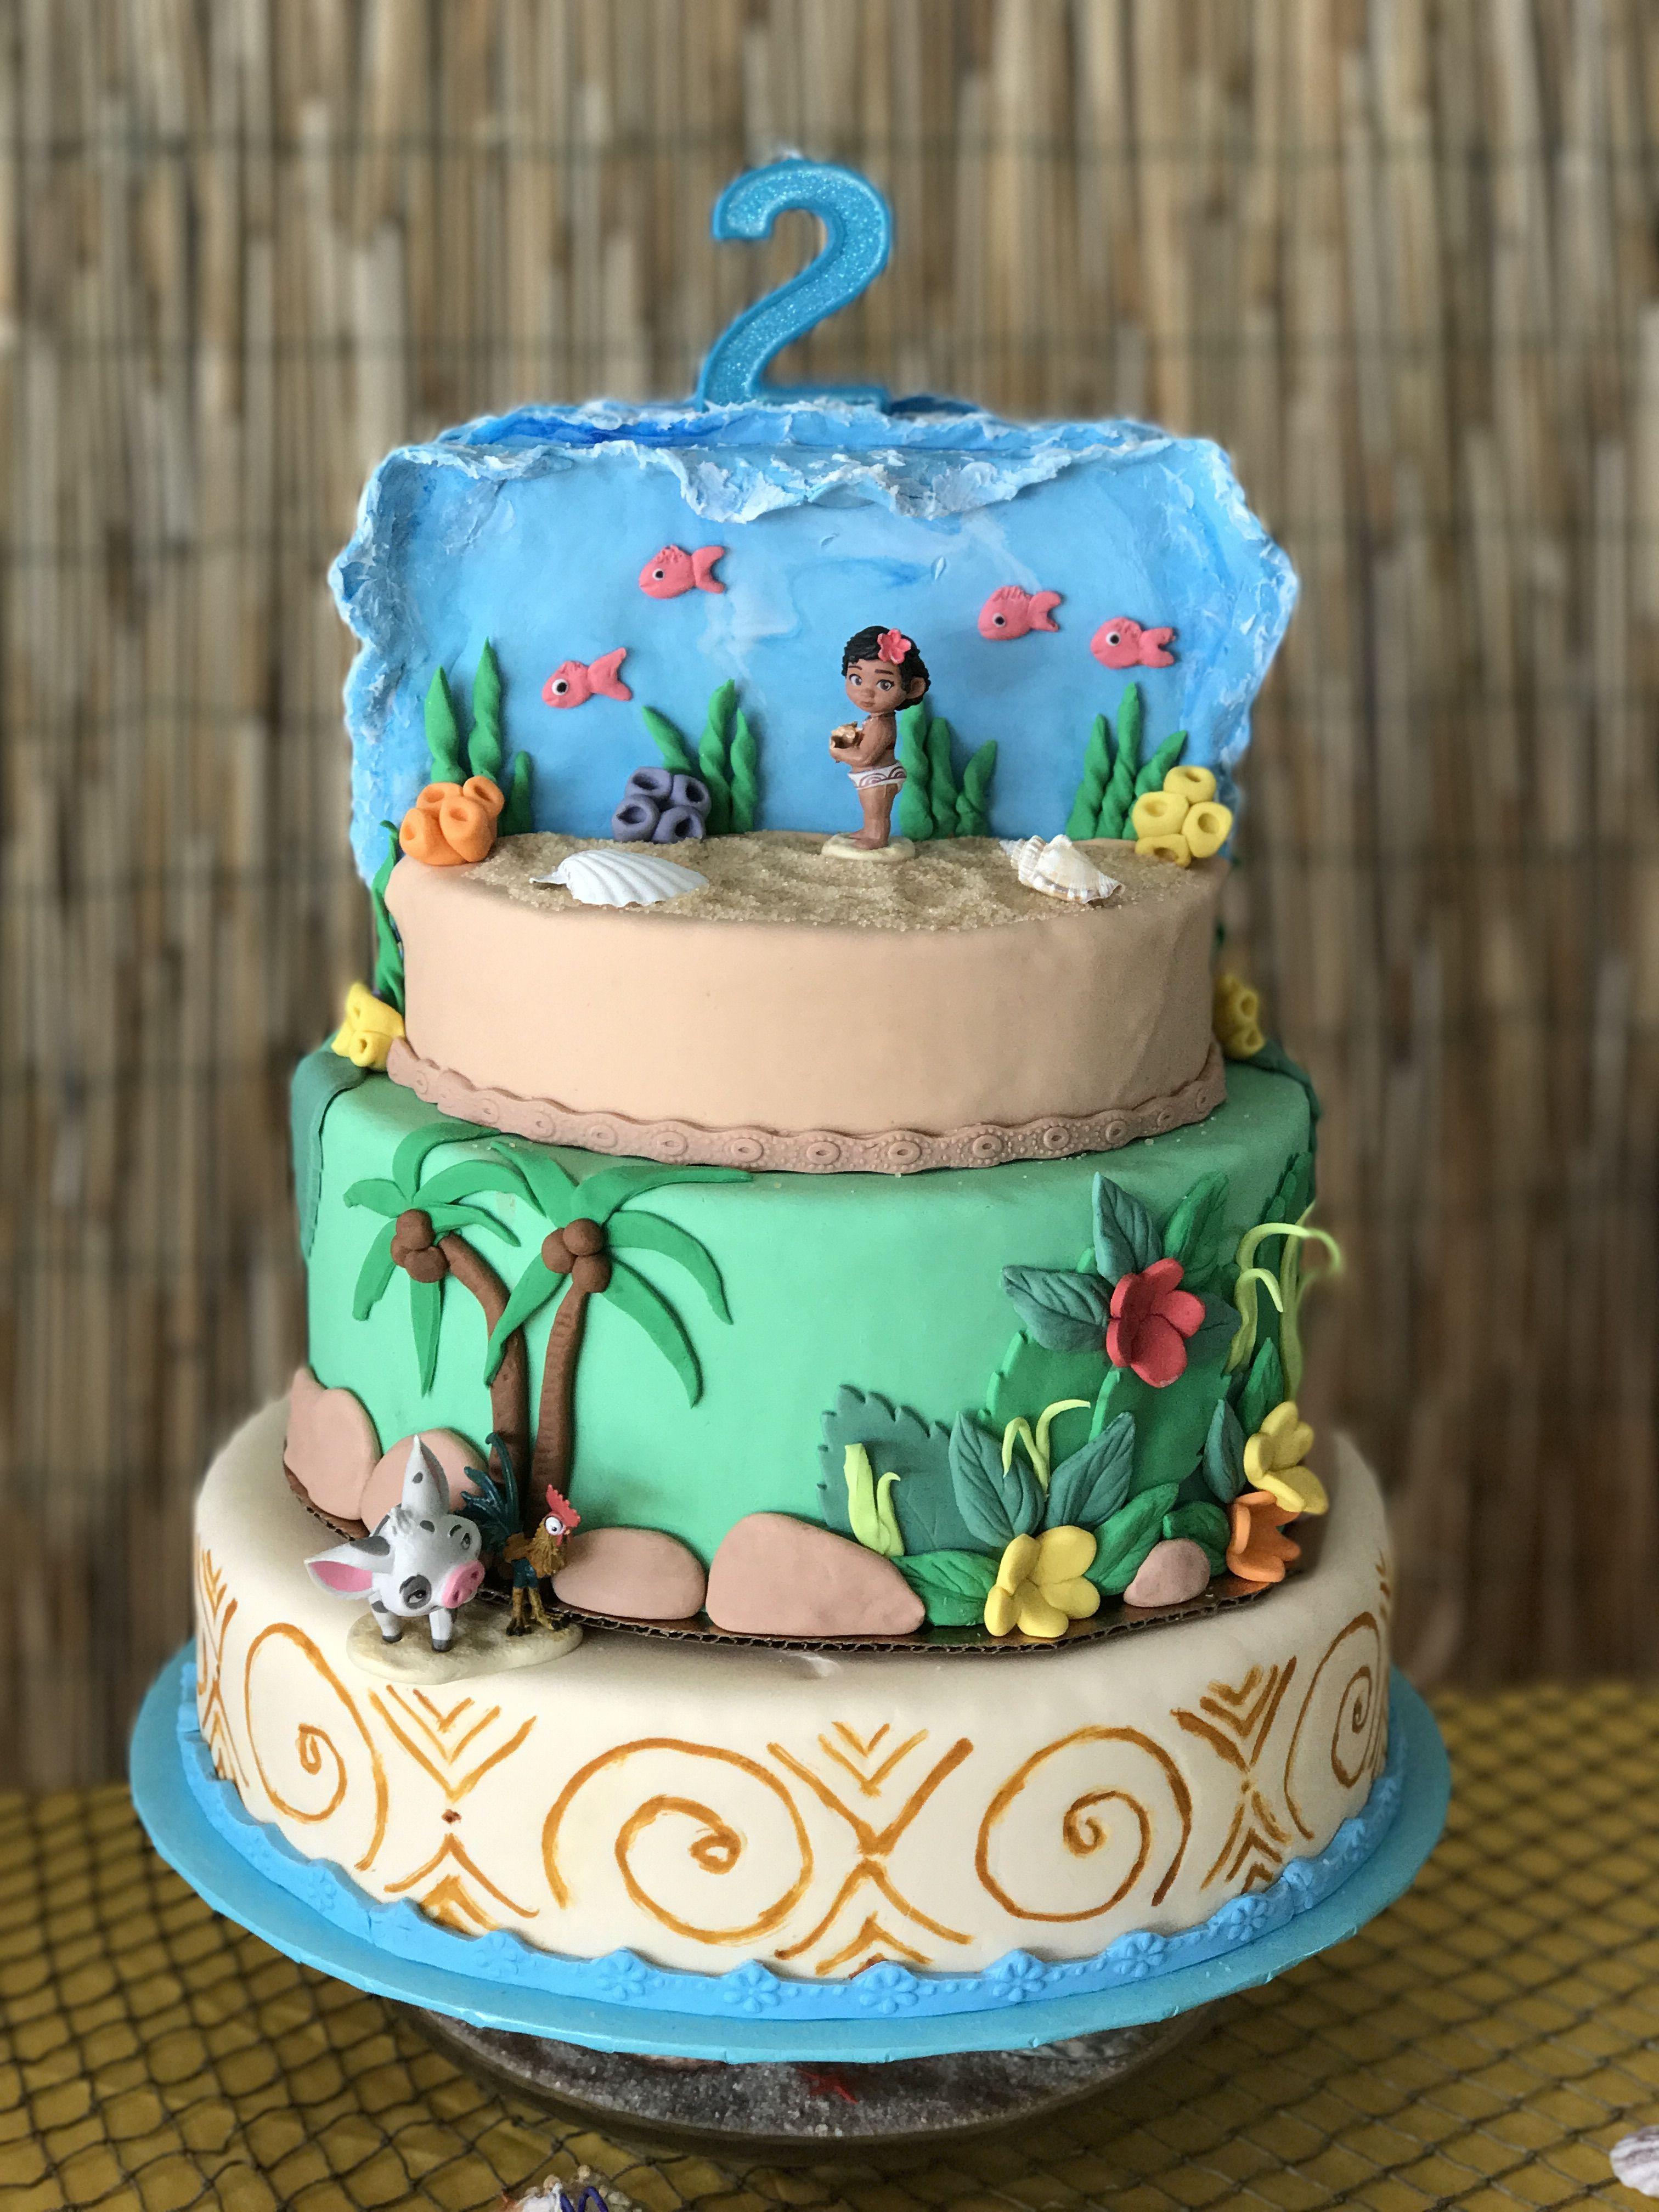 Moana Birthday Cake Ideas  Moana Cake My Pics Pinterest